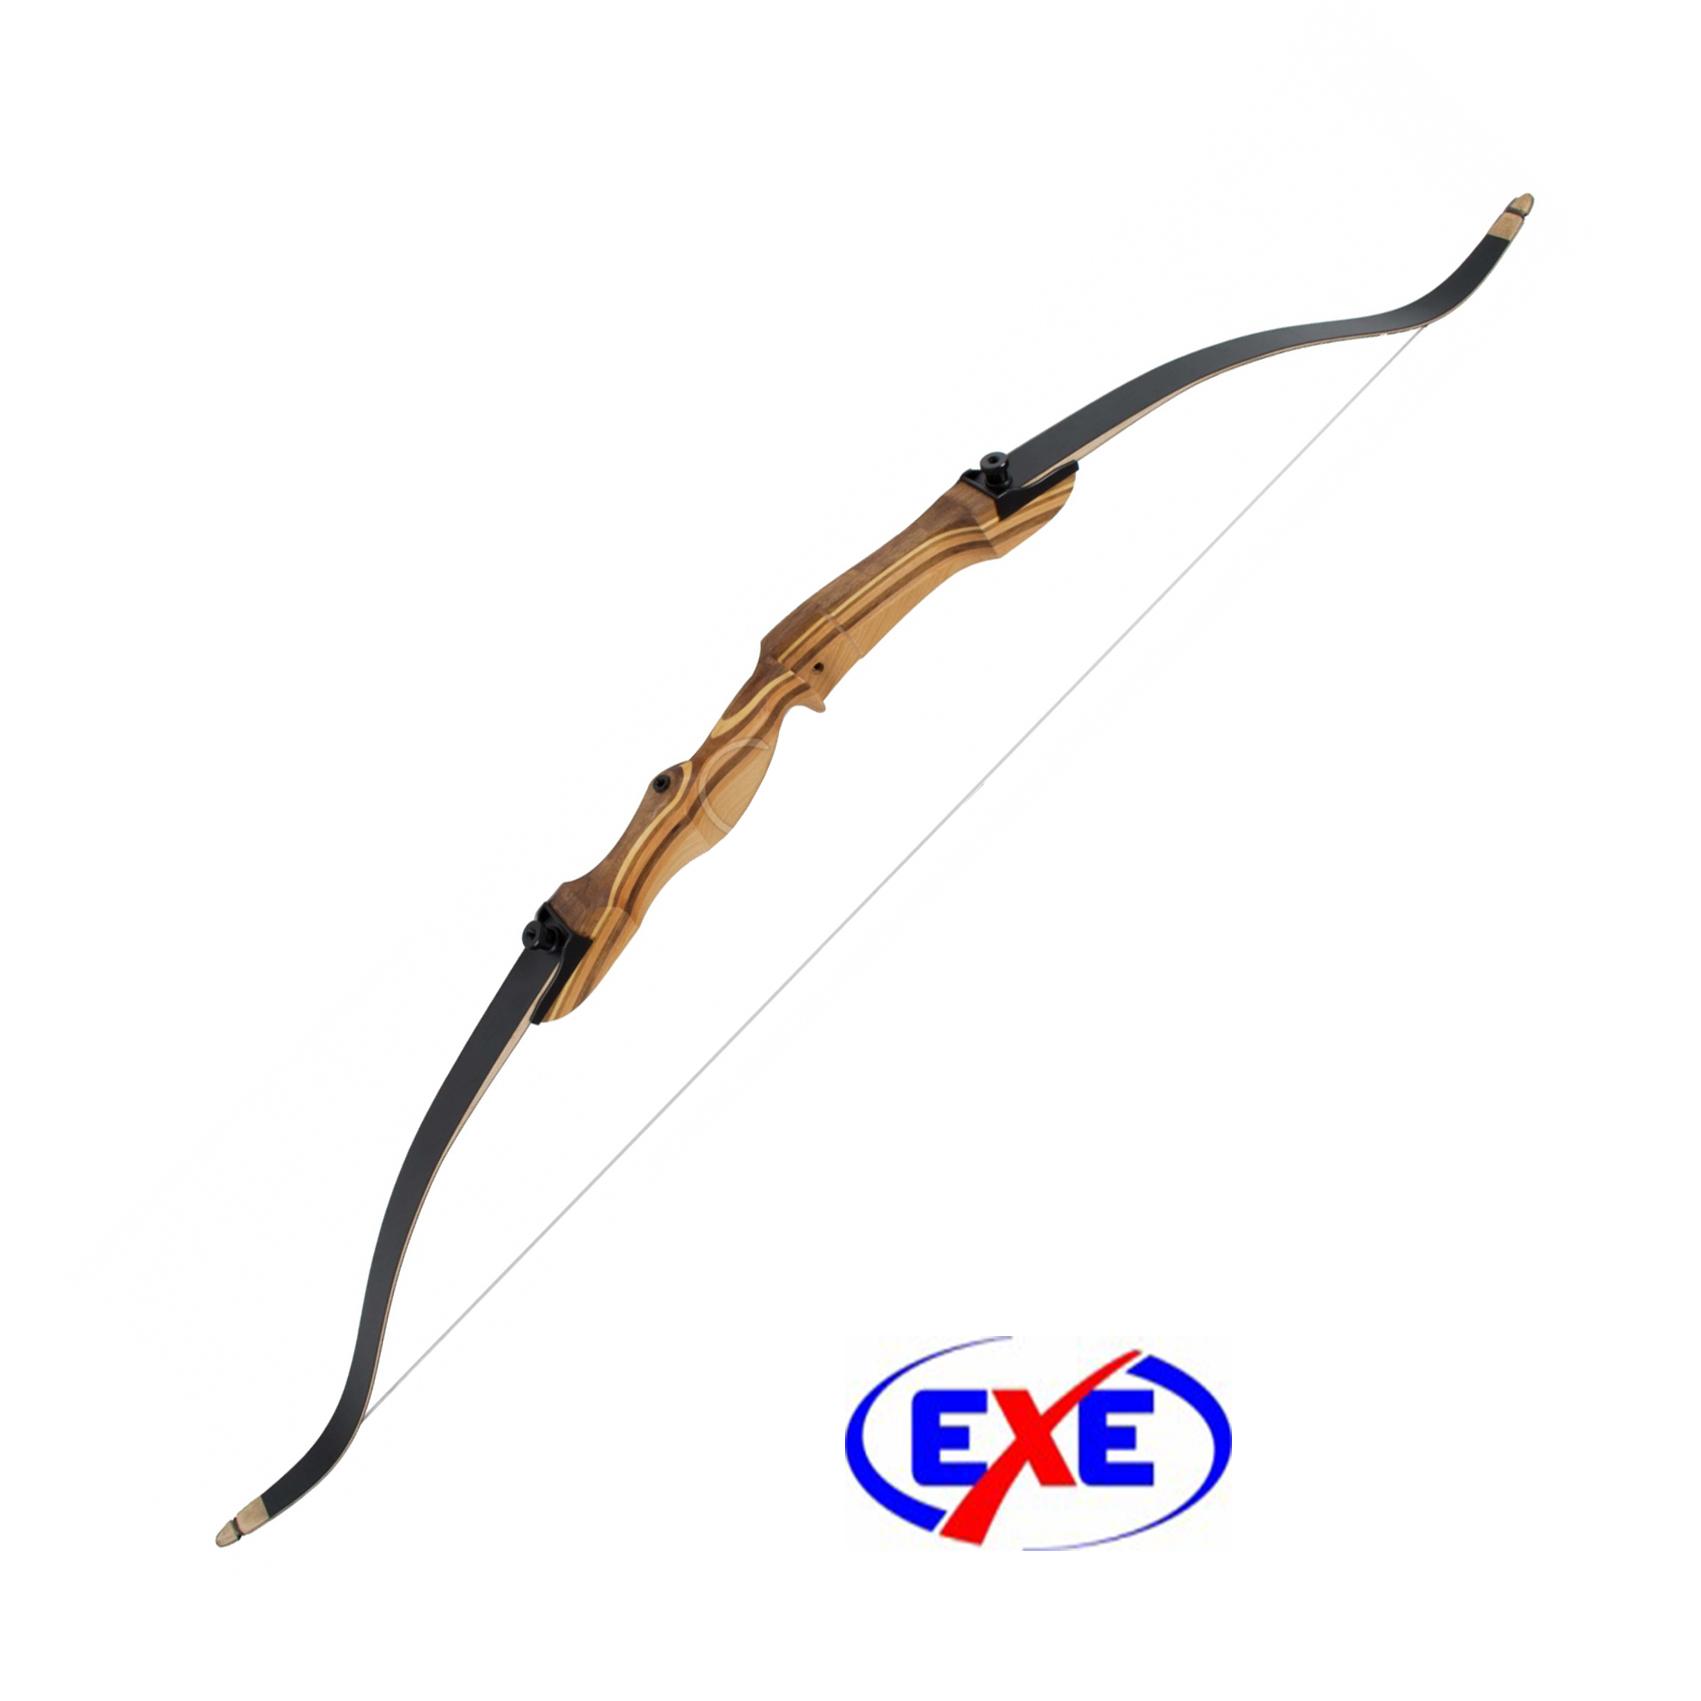 Vendita arco ricurvo exe in legno vendita online arco for Vendita legno online